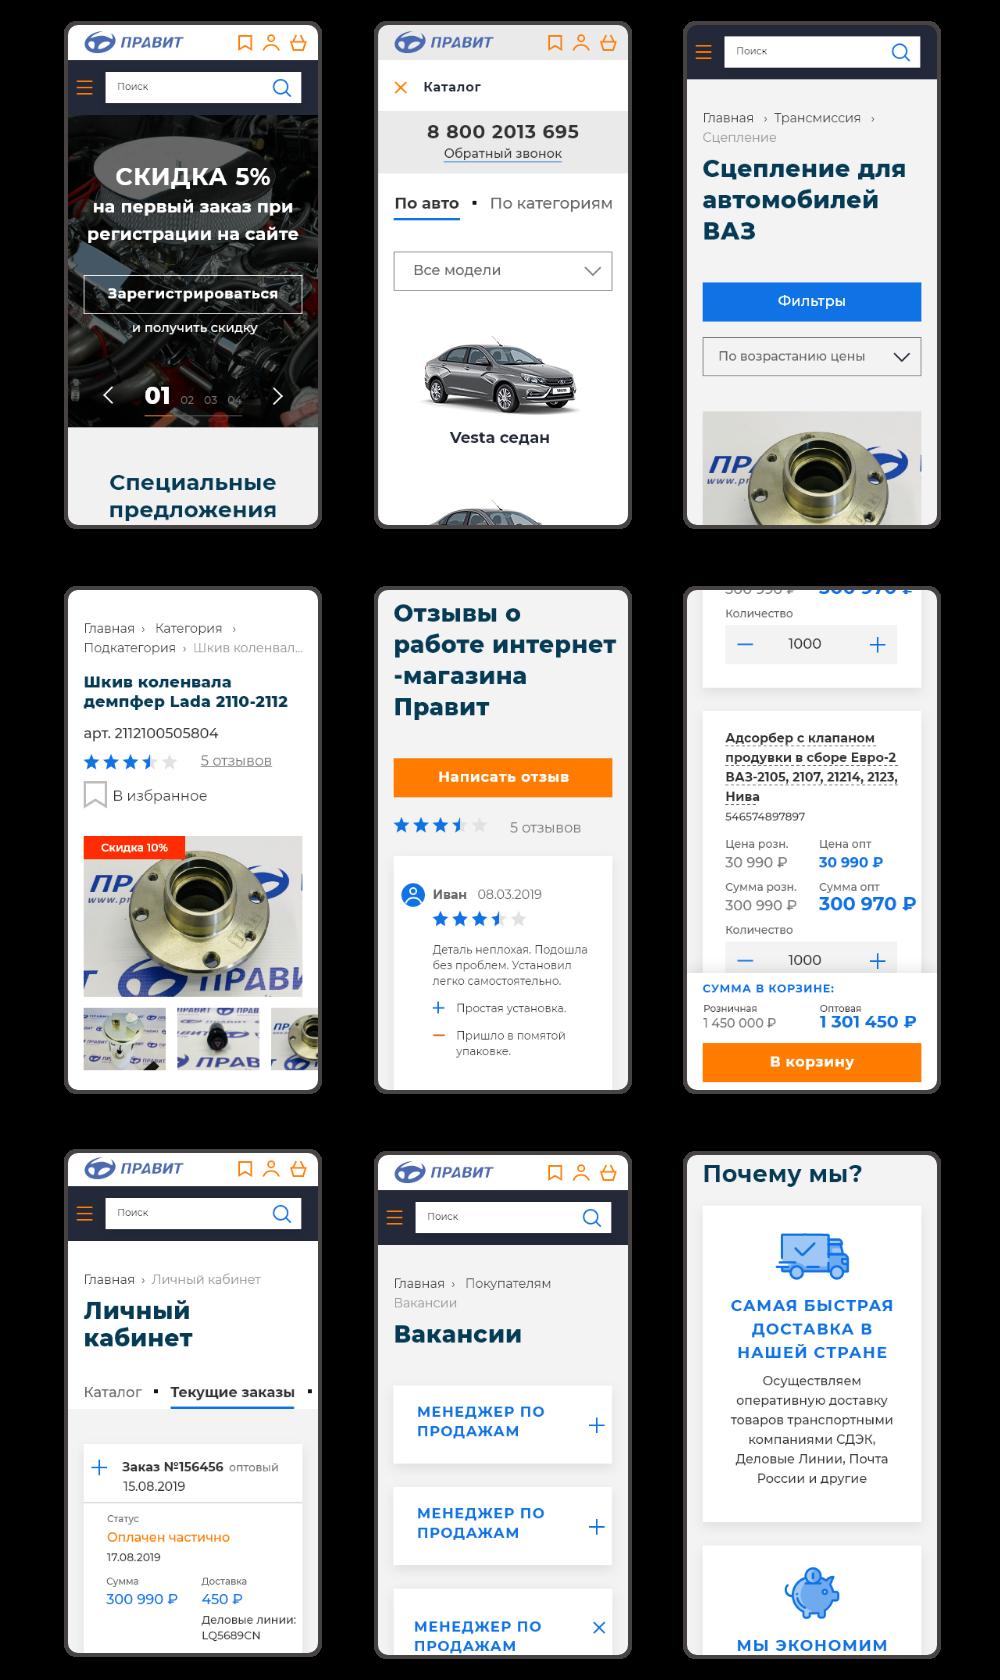 Страницы мобильной версии интернет-магазина